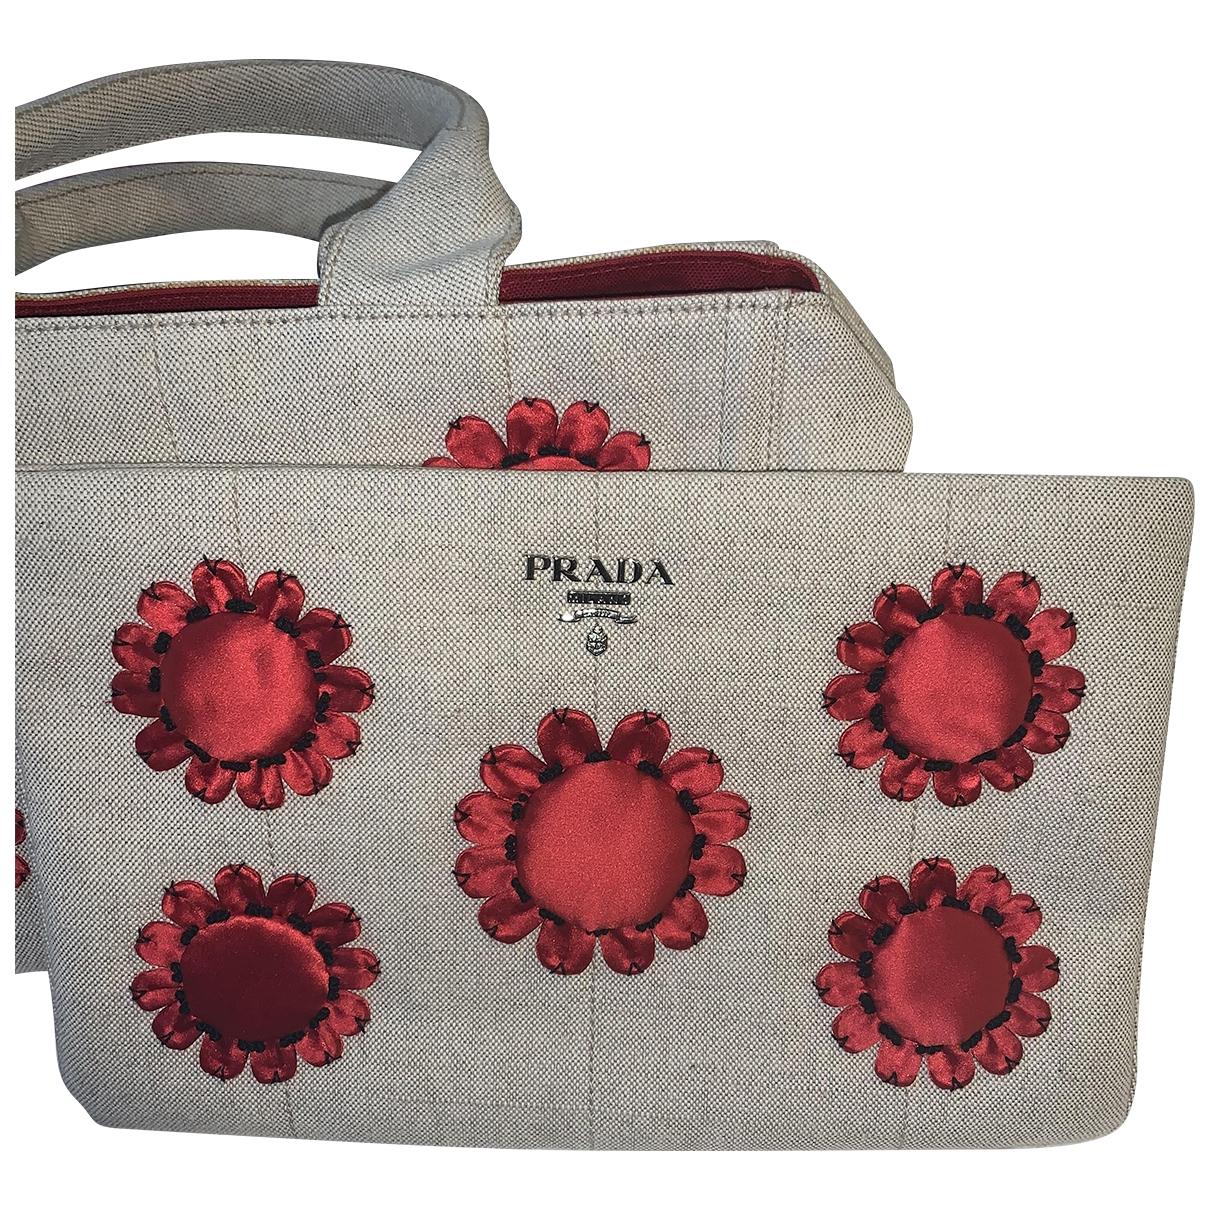 Prada \N Beige Cloth Clutch bag for Women \N